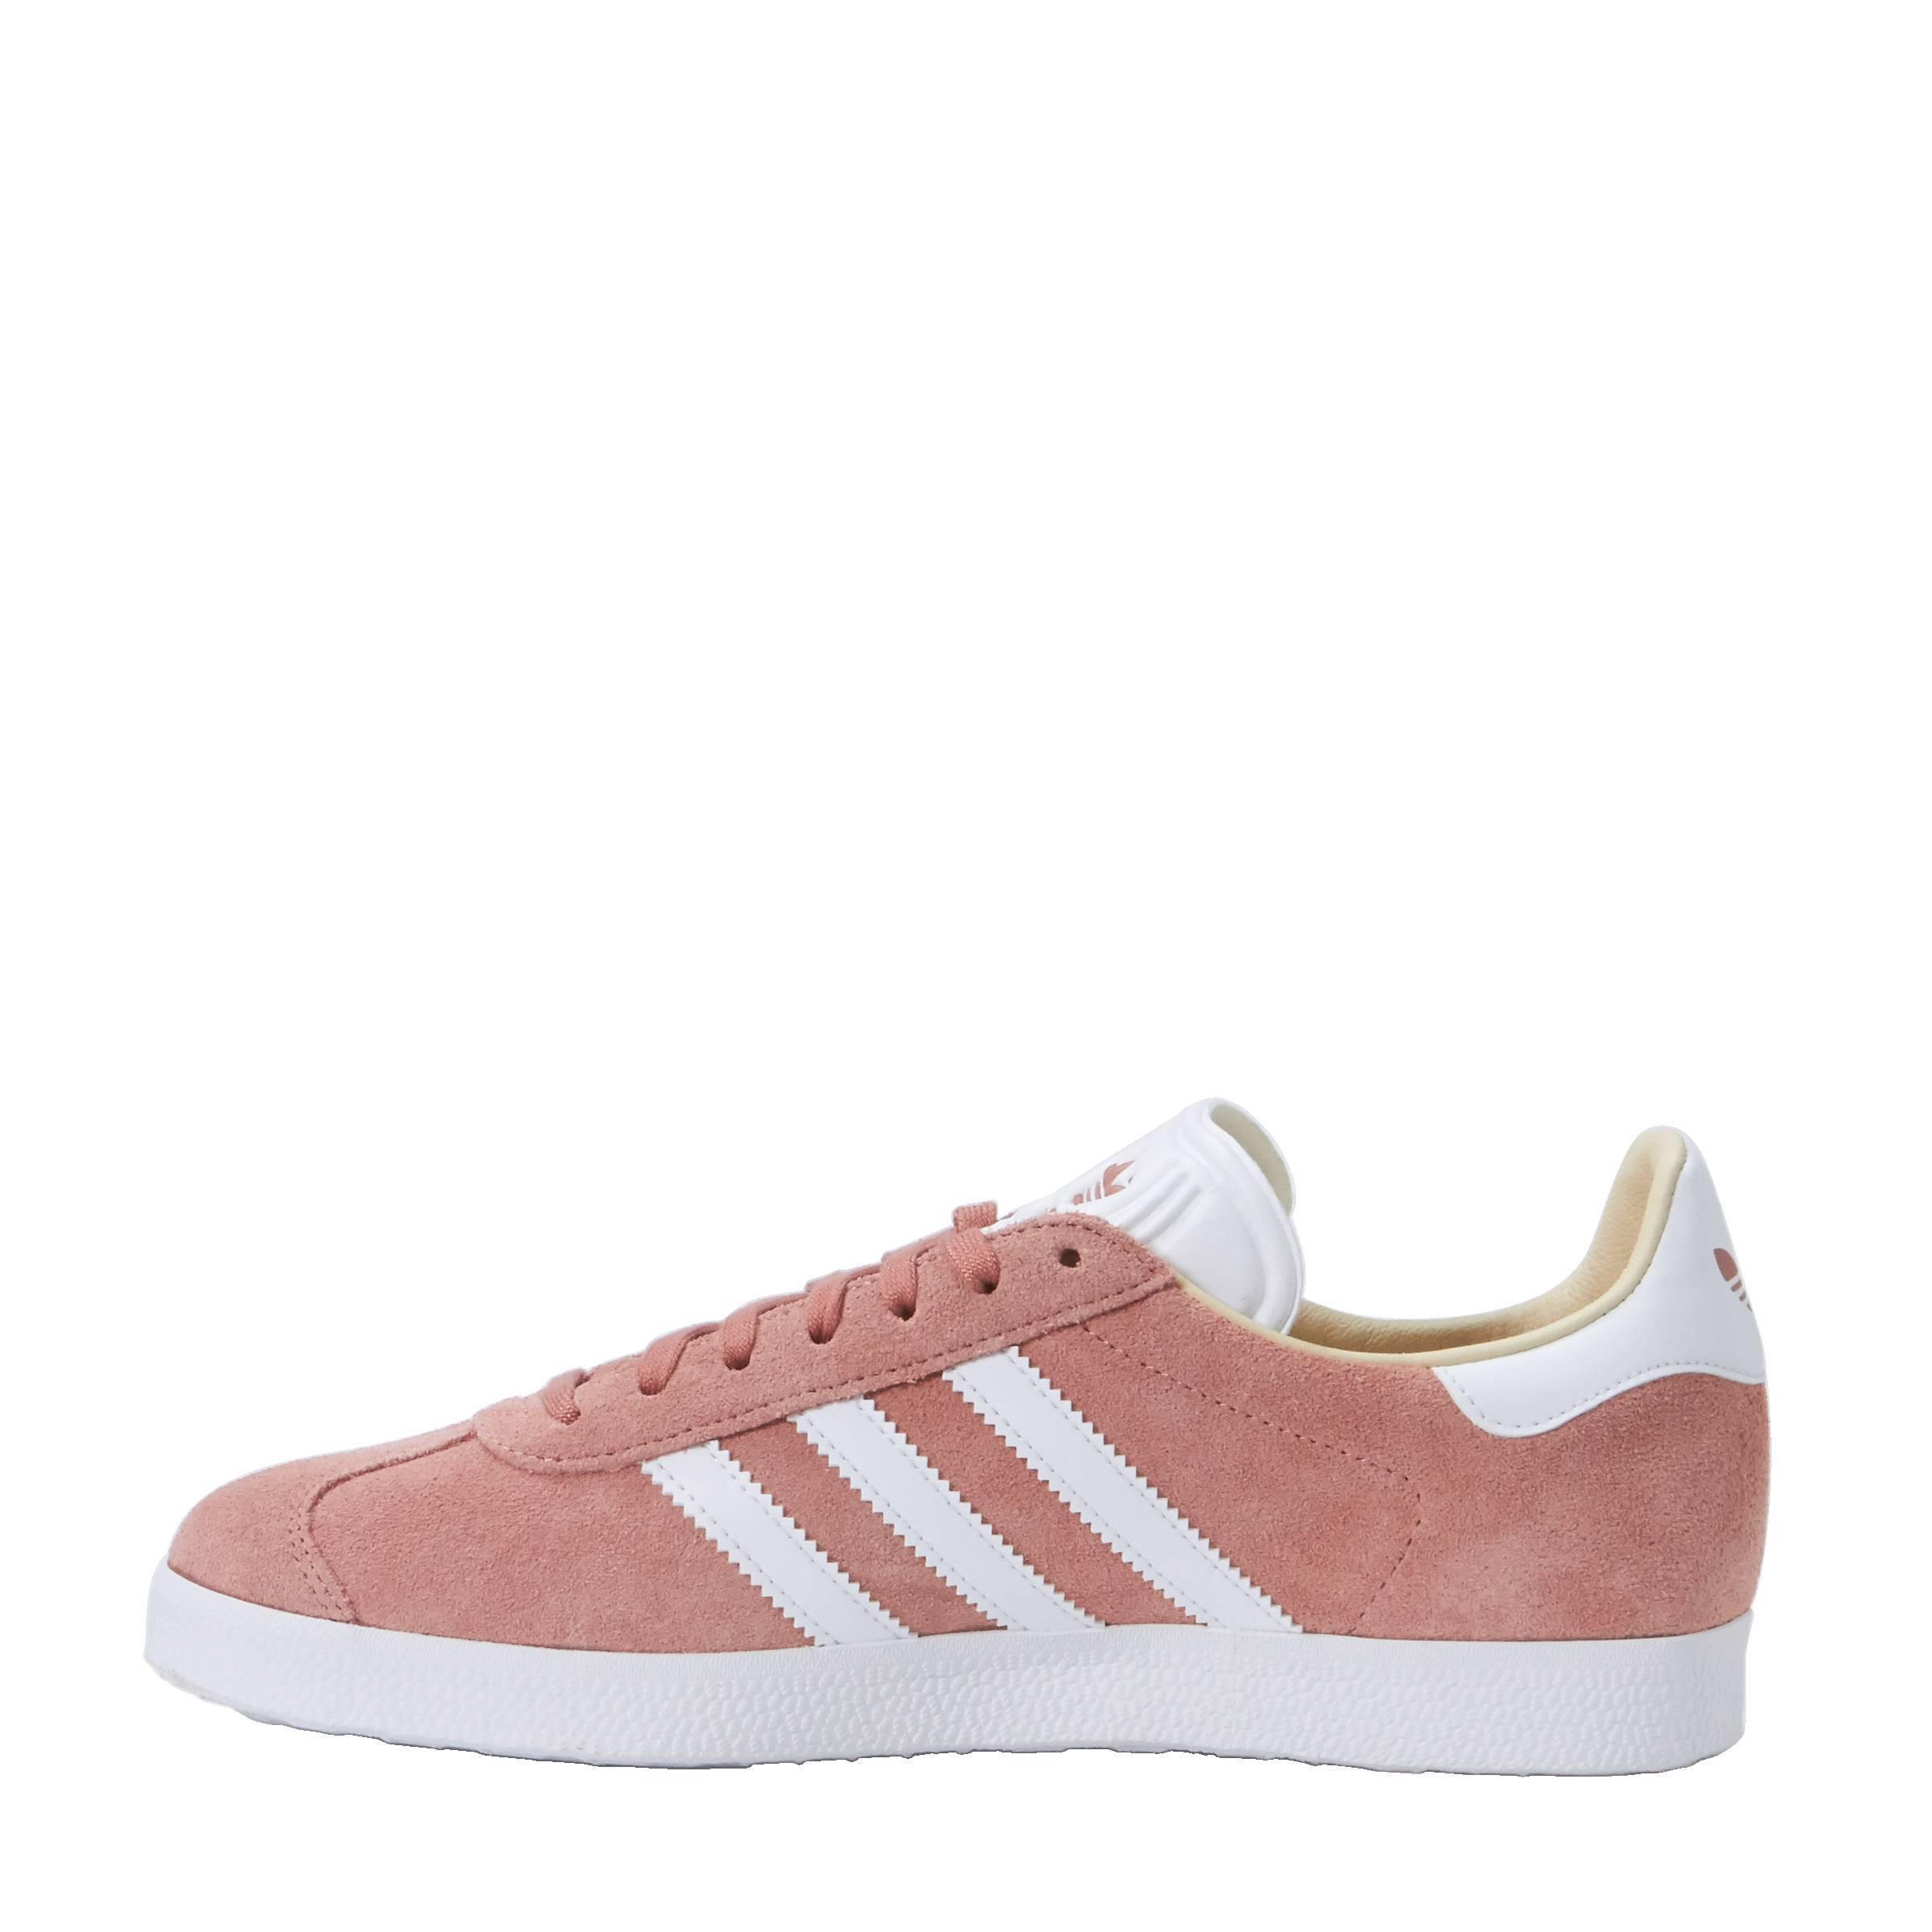 adidas gazelle oud roze